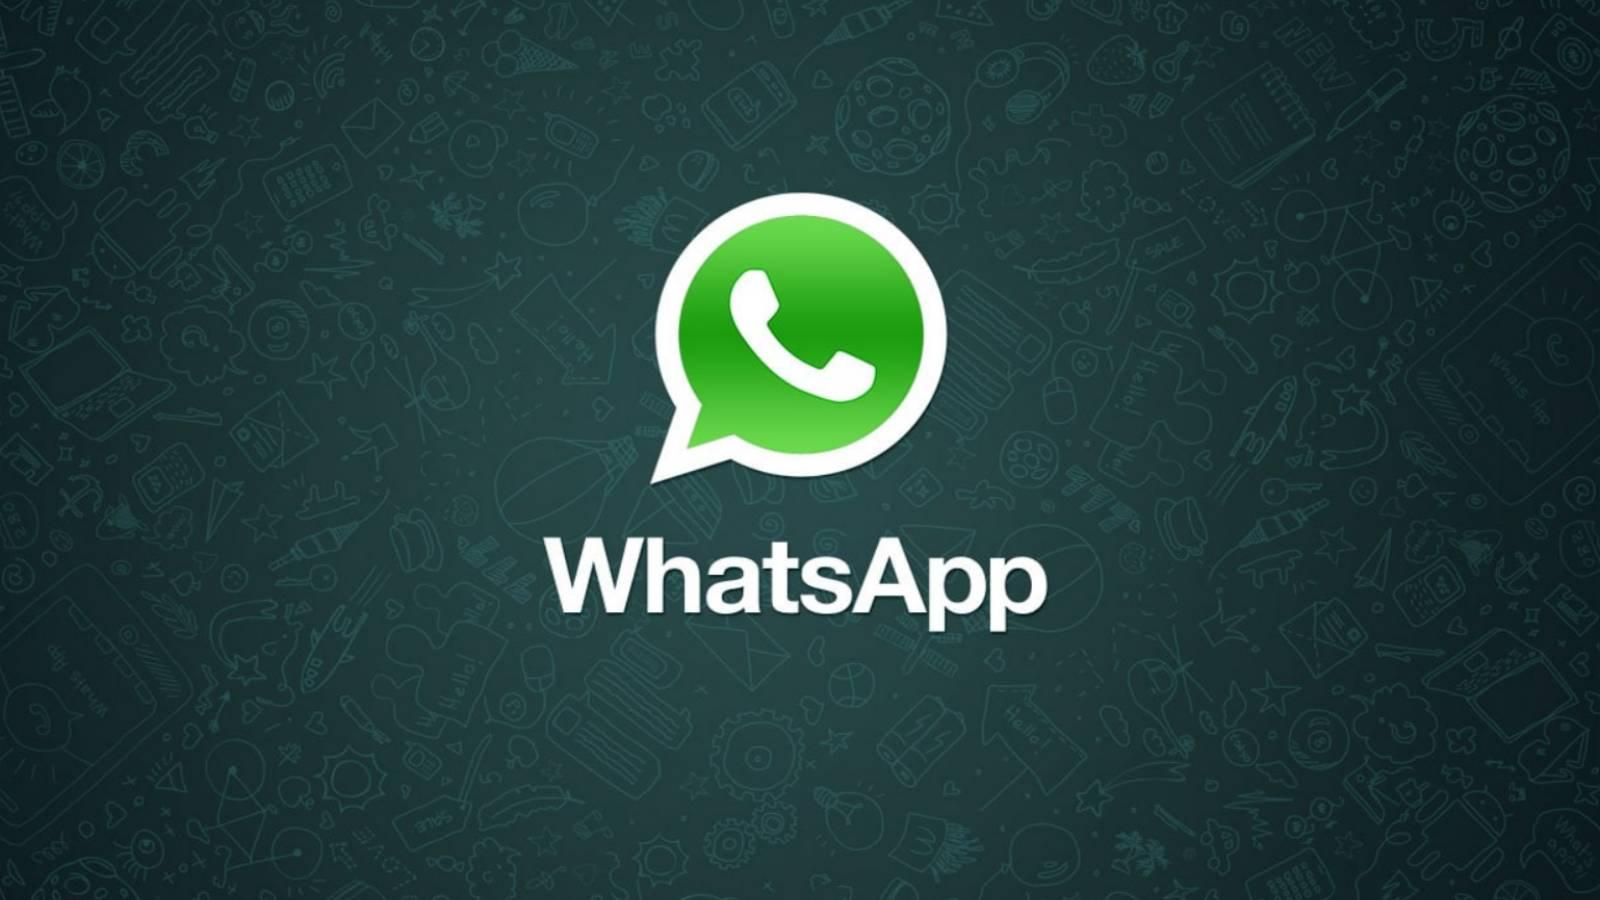 WhatsApp alfanumeric